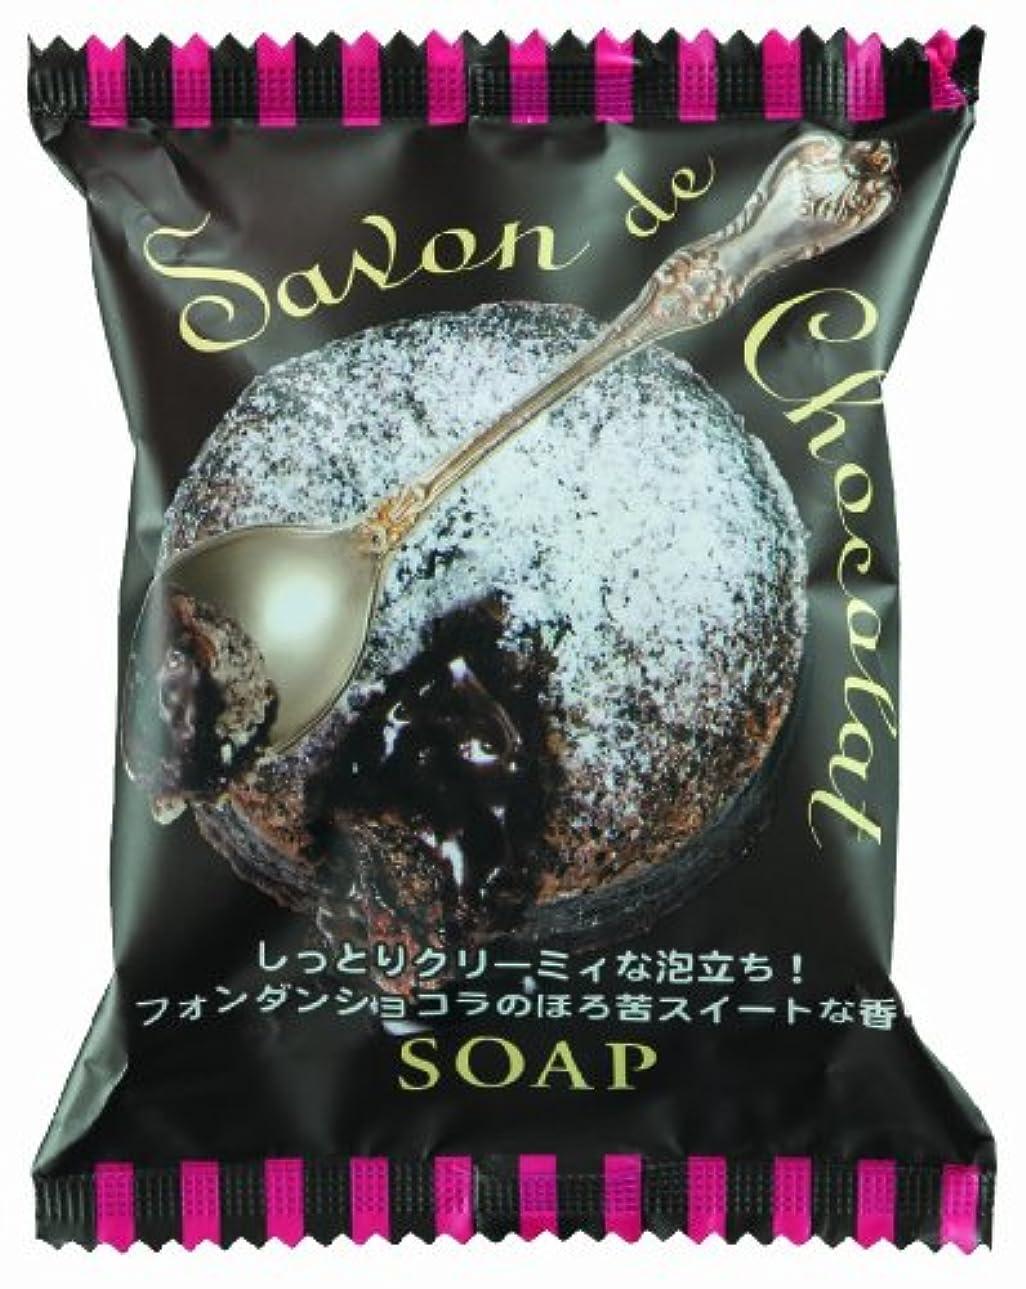 コスチュームパイルピンポイントペリカン石鹸 サボンドショコラソープ 80g